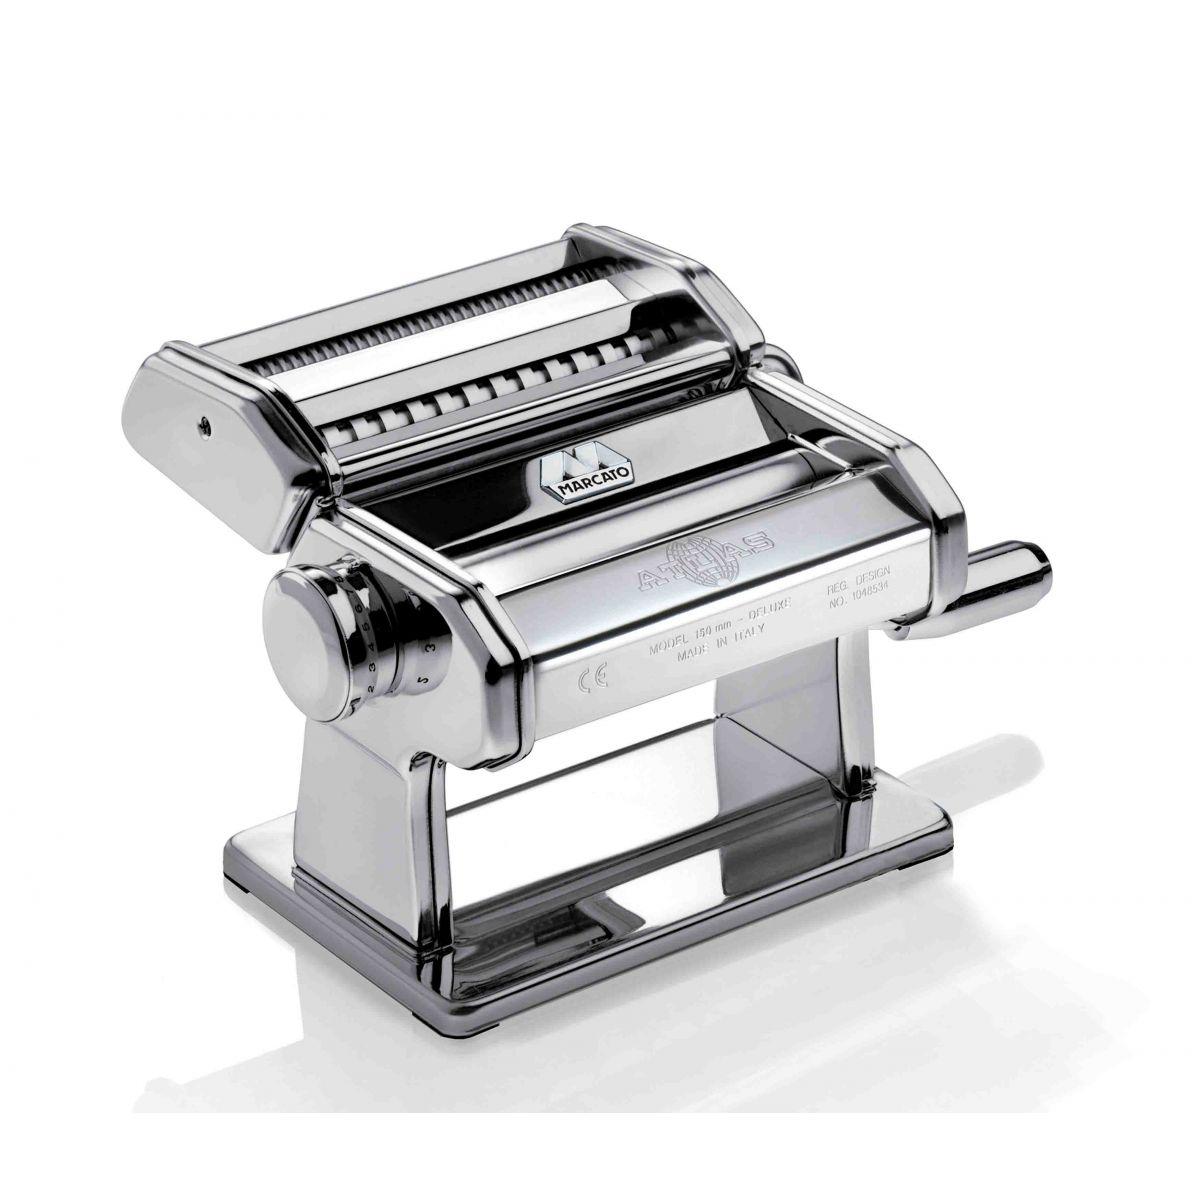 Máquina de Macarrão Marcato Prata Atlas 150 para 3 tipos de massas